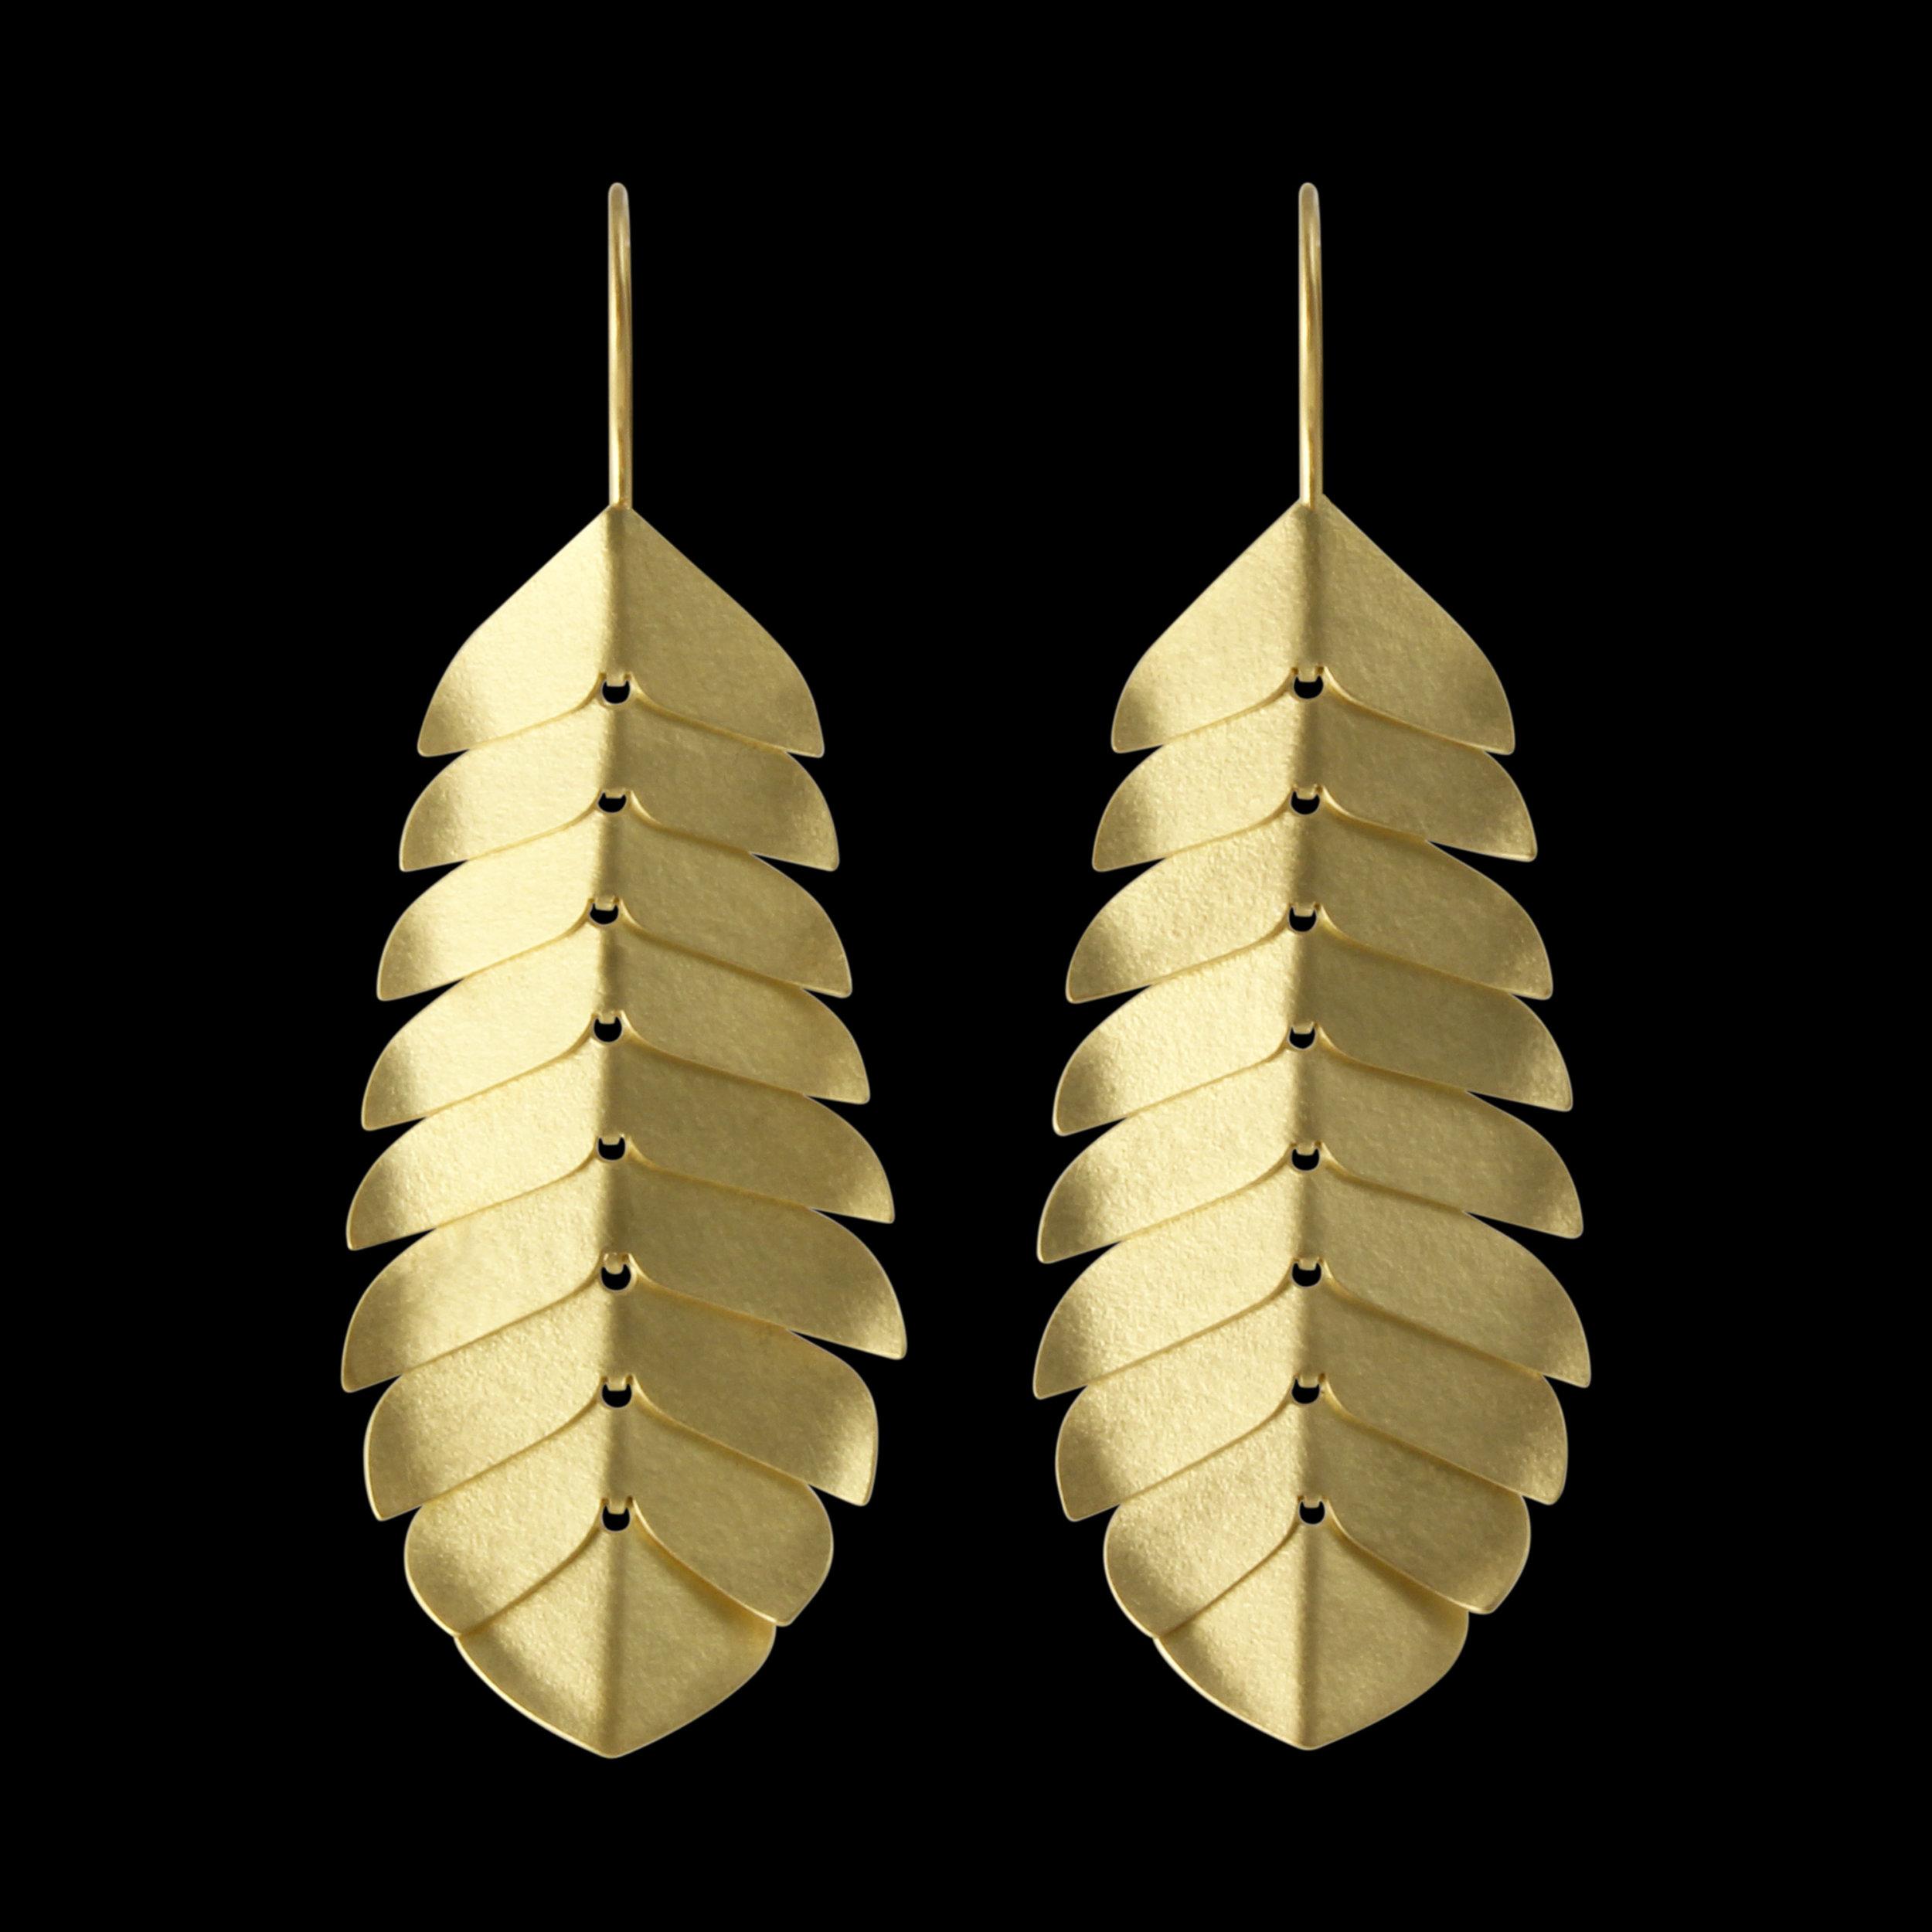 Bromeliad_earrings_on_black_square.jpg